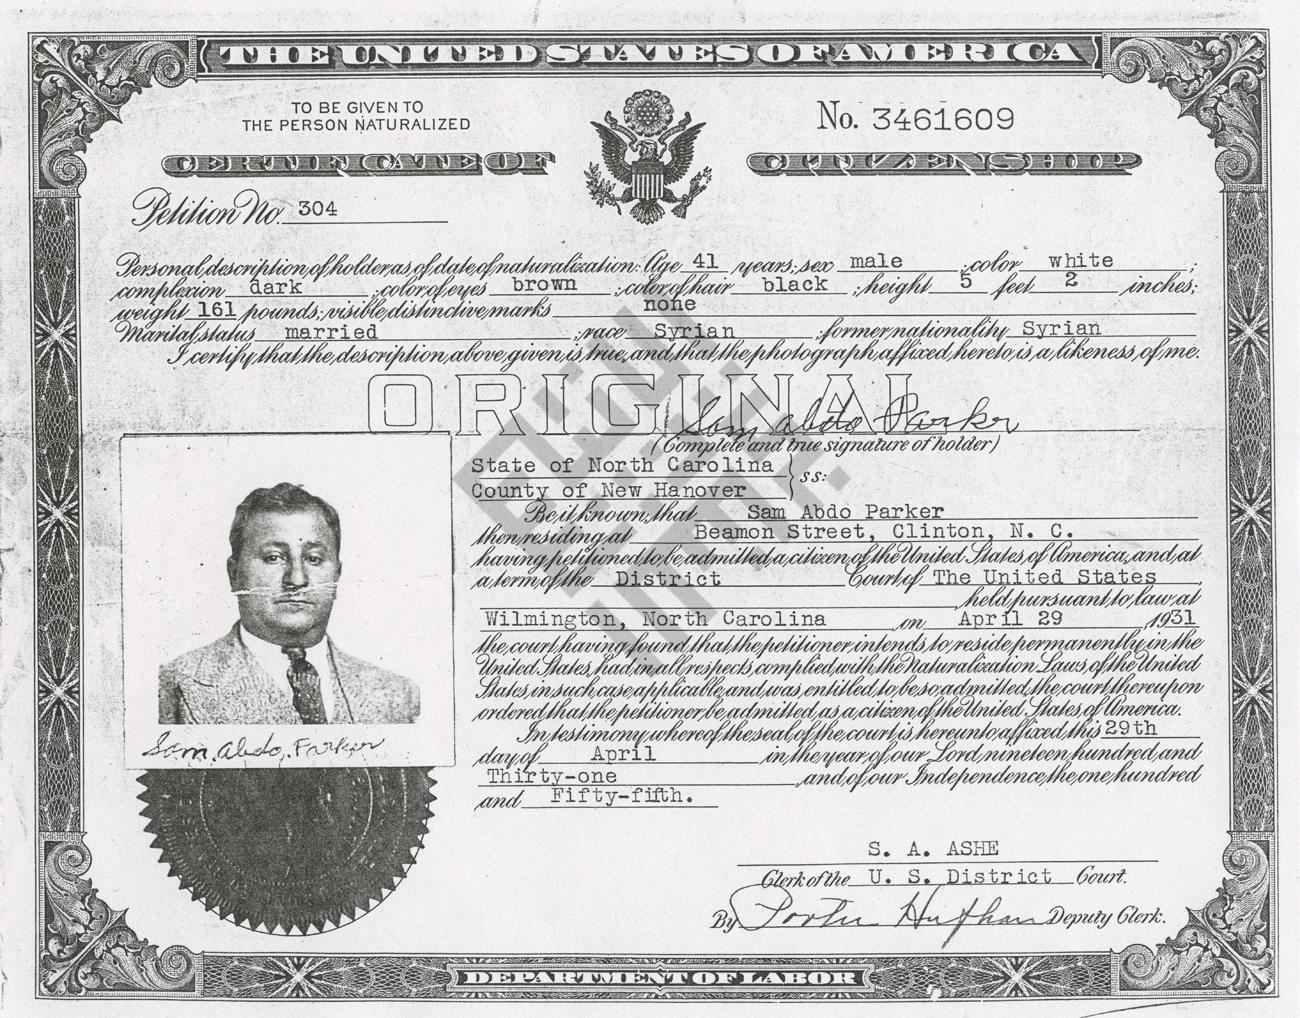 Findlen_1931_Parker-Citizenship_Certificate_wm.jpg